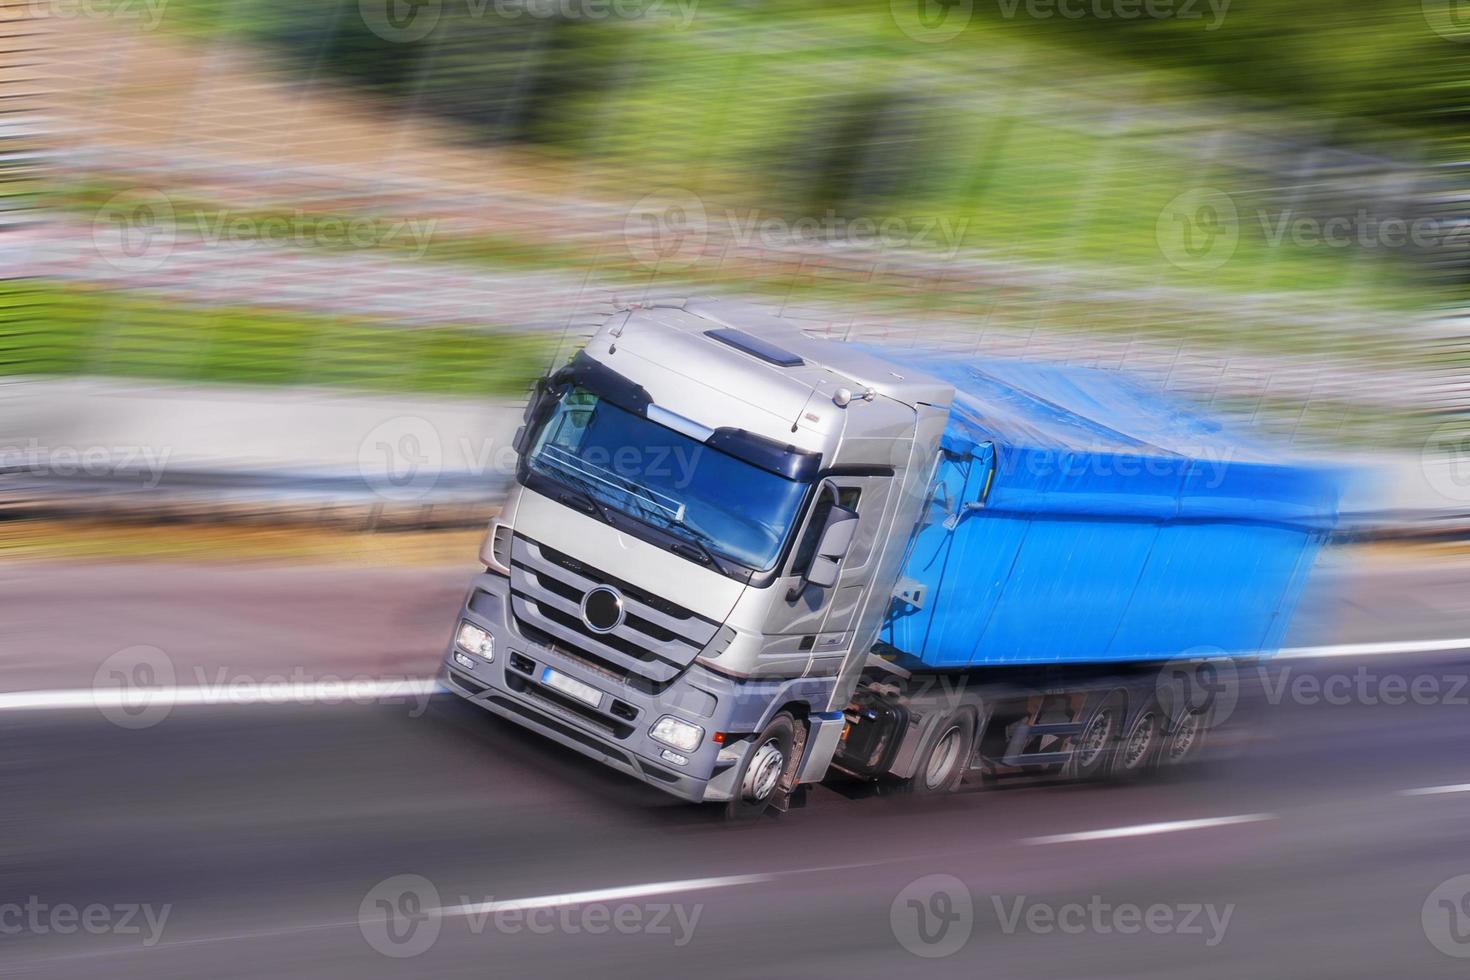 caminhão cinza-azul correndo, desfoque de movimento foto